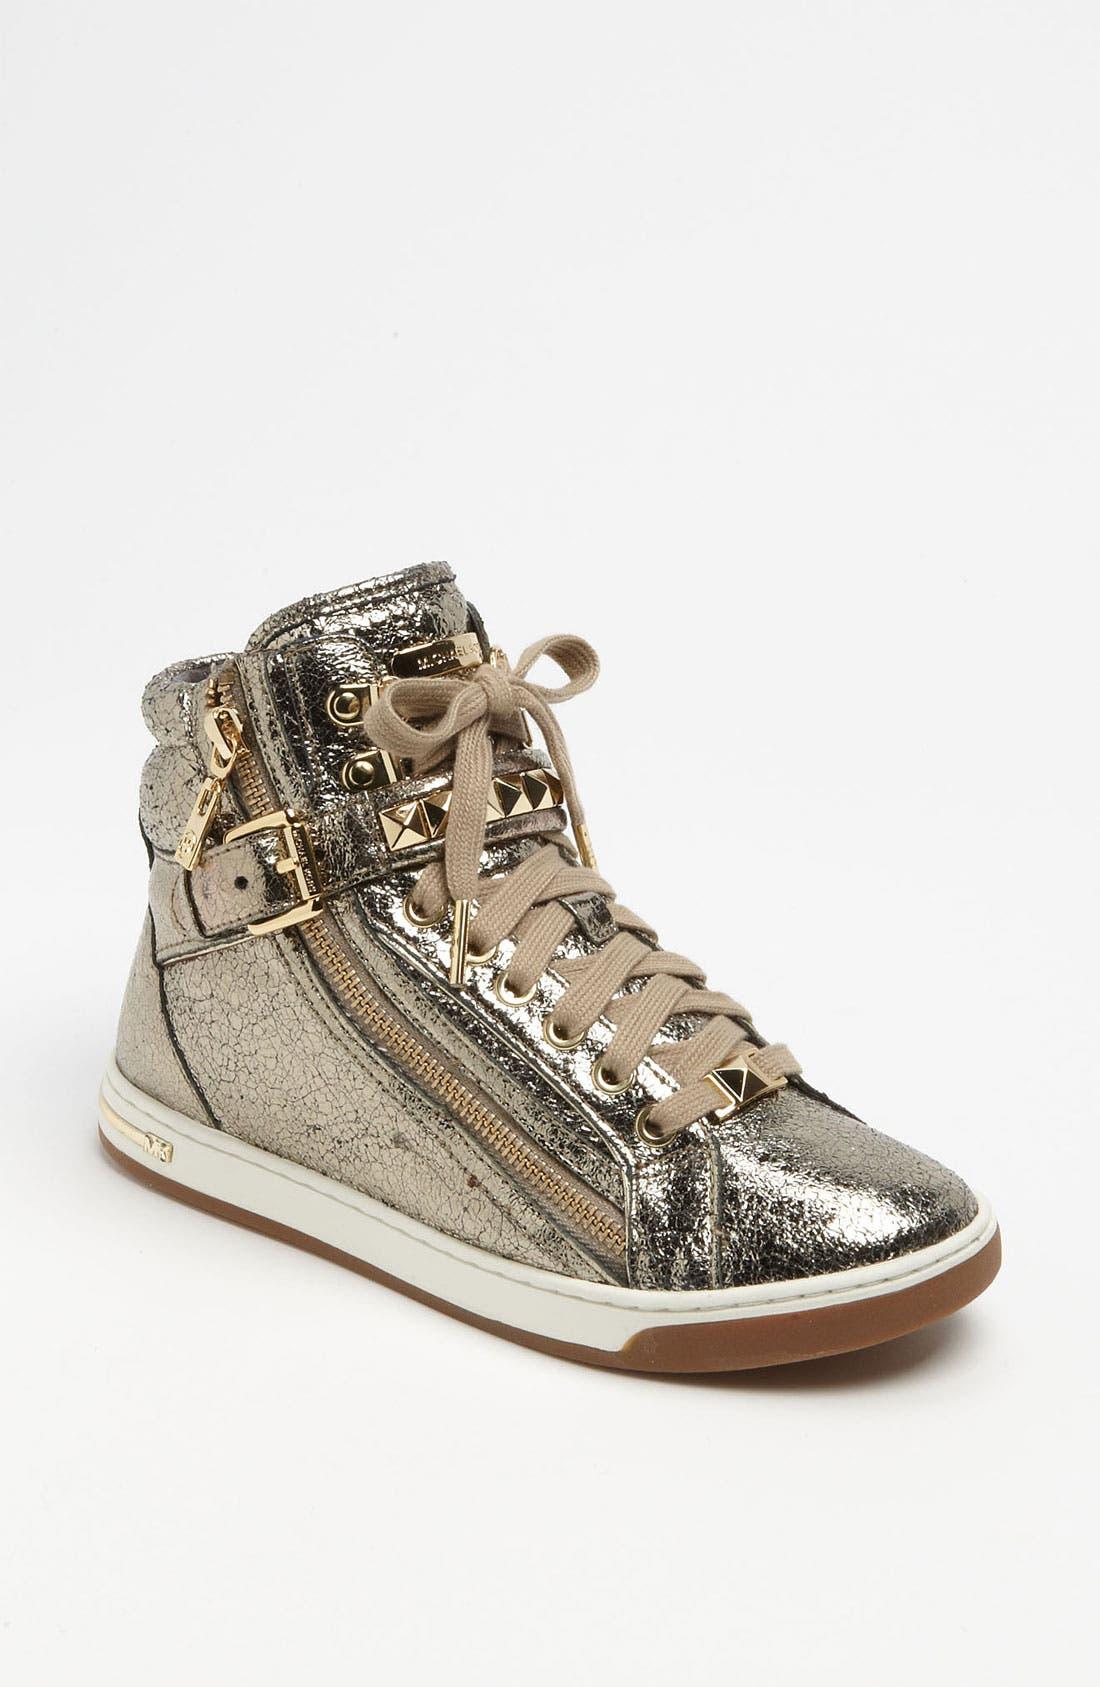 Alternate Image 1 Selected - MICHAEL Michael Kors 'Glam' High Top Sneaker